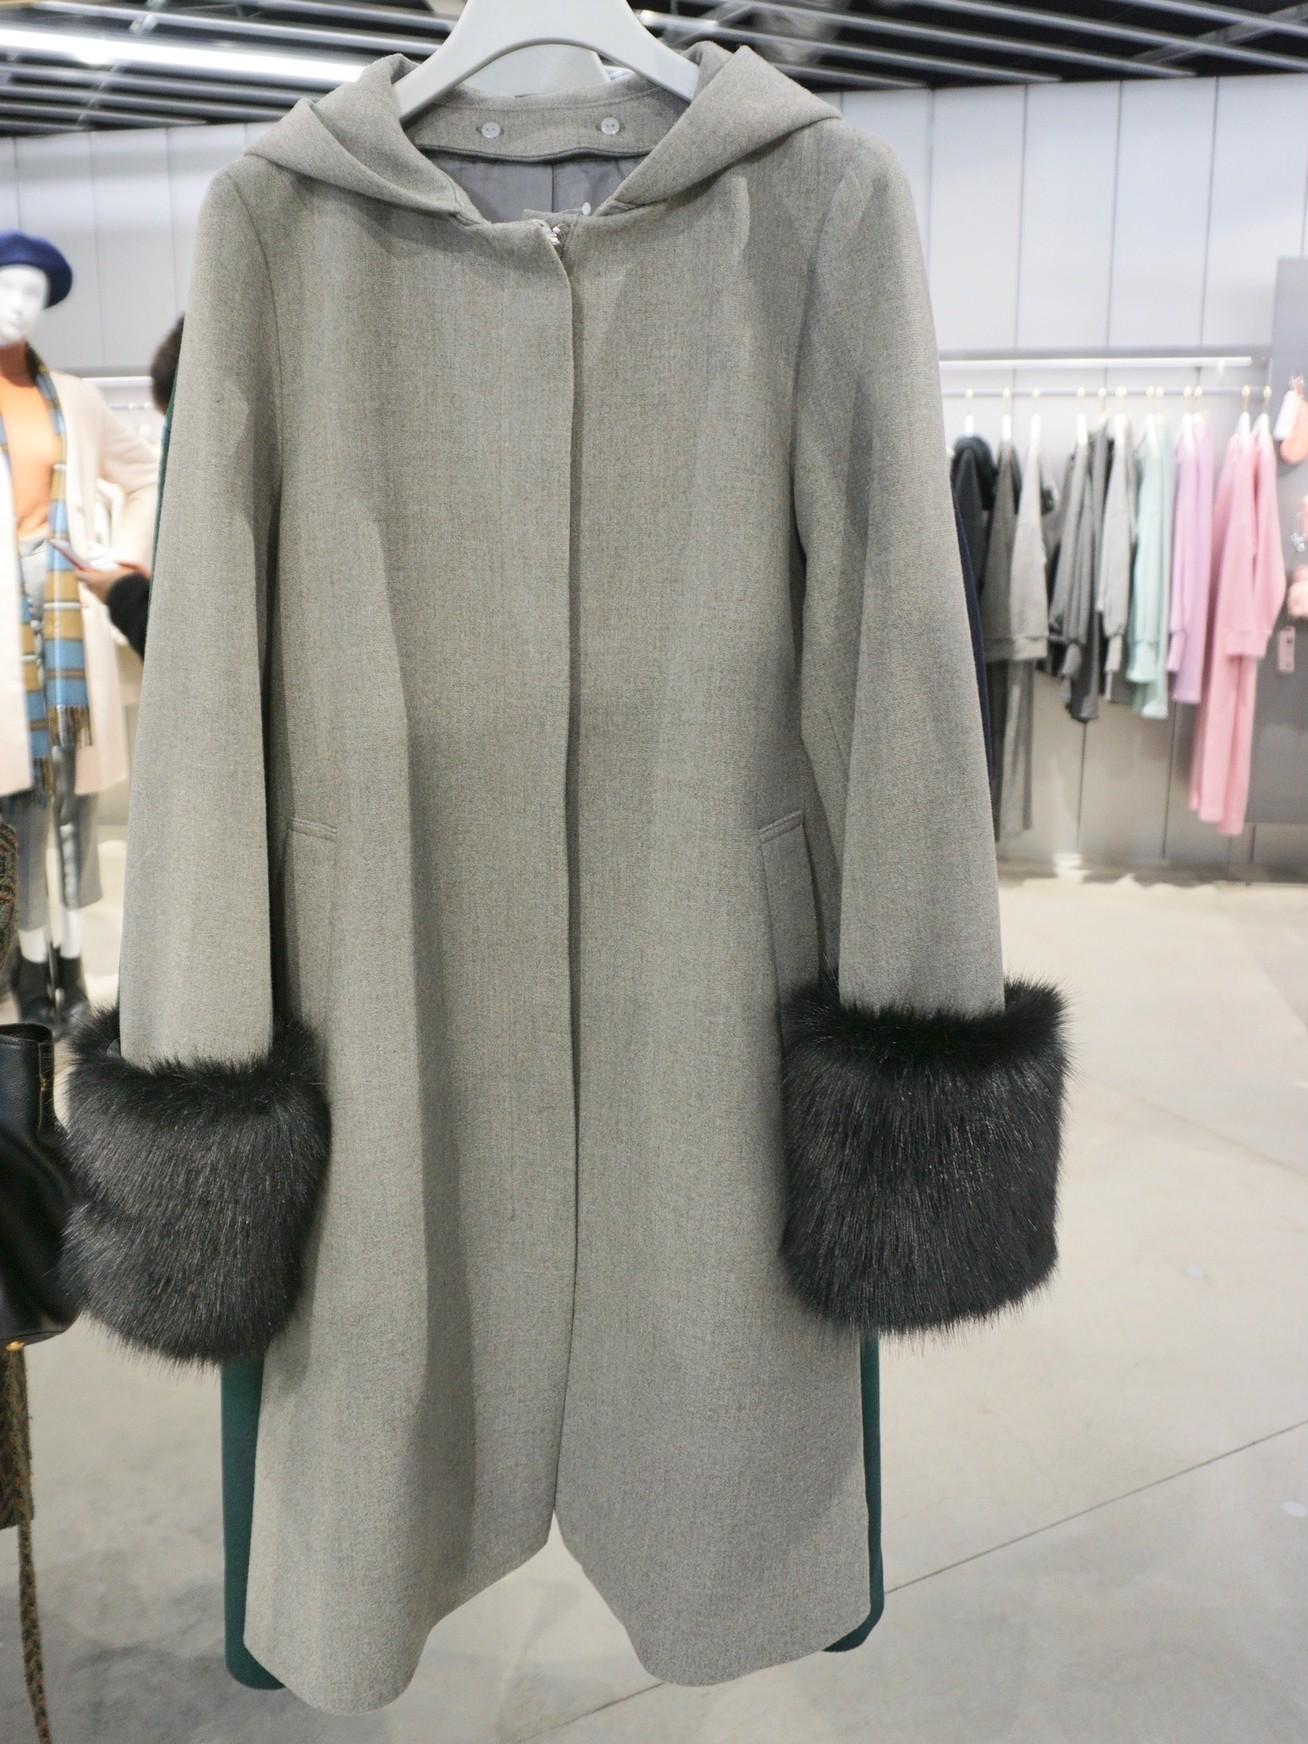 GU(ジーユー)の幅広フェイクファー袖つきウールフードコート